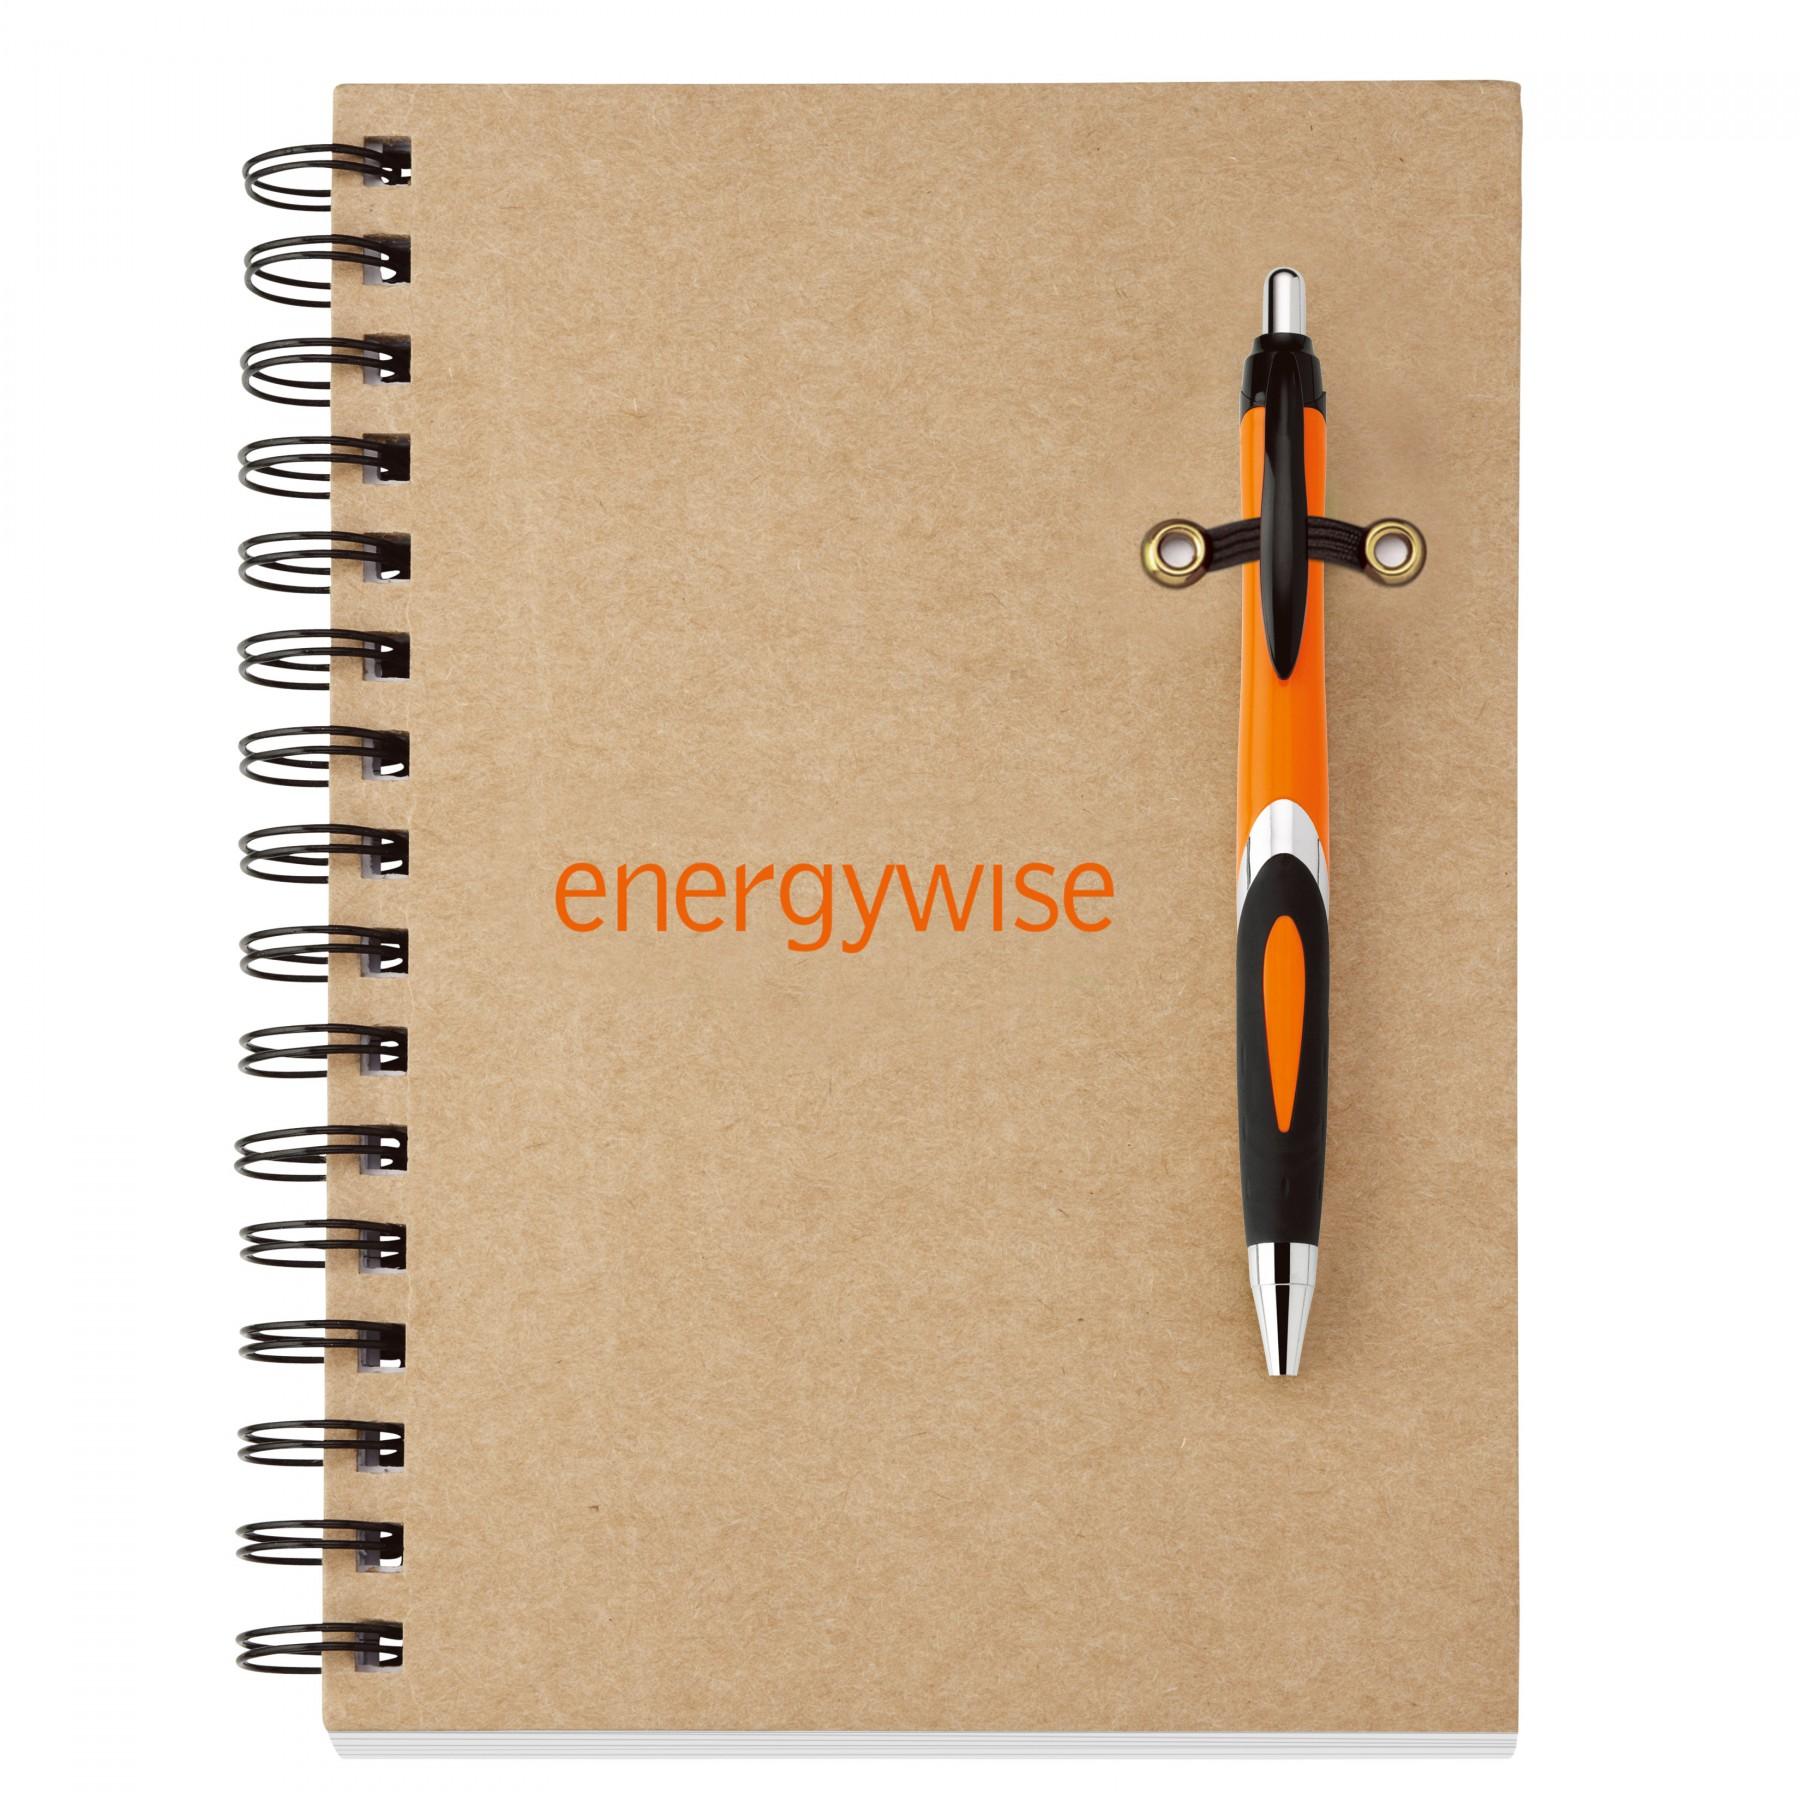 Helix-Eco Notebook Combo - 1 Colour Imprint (EC6058)